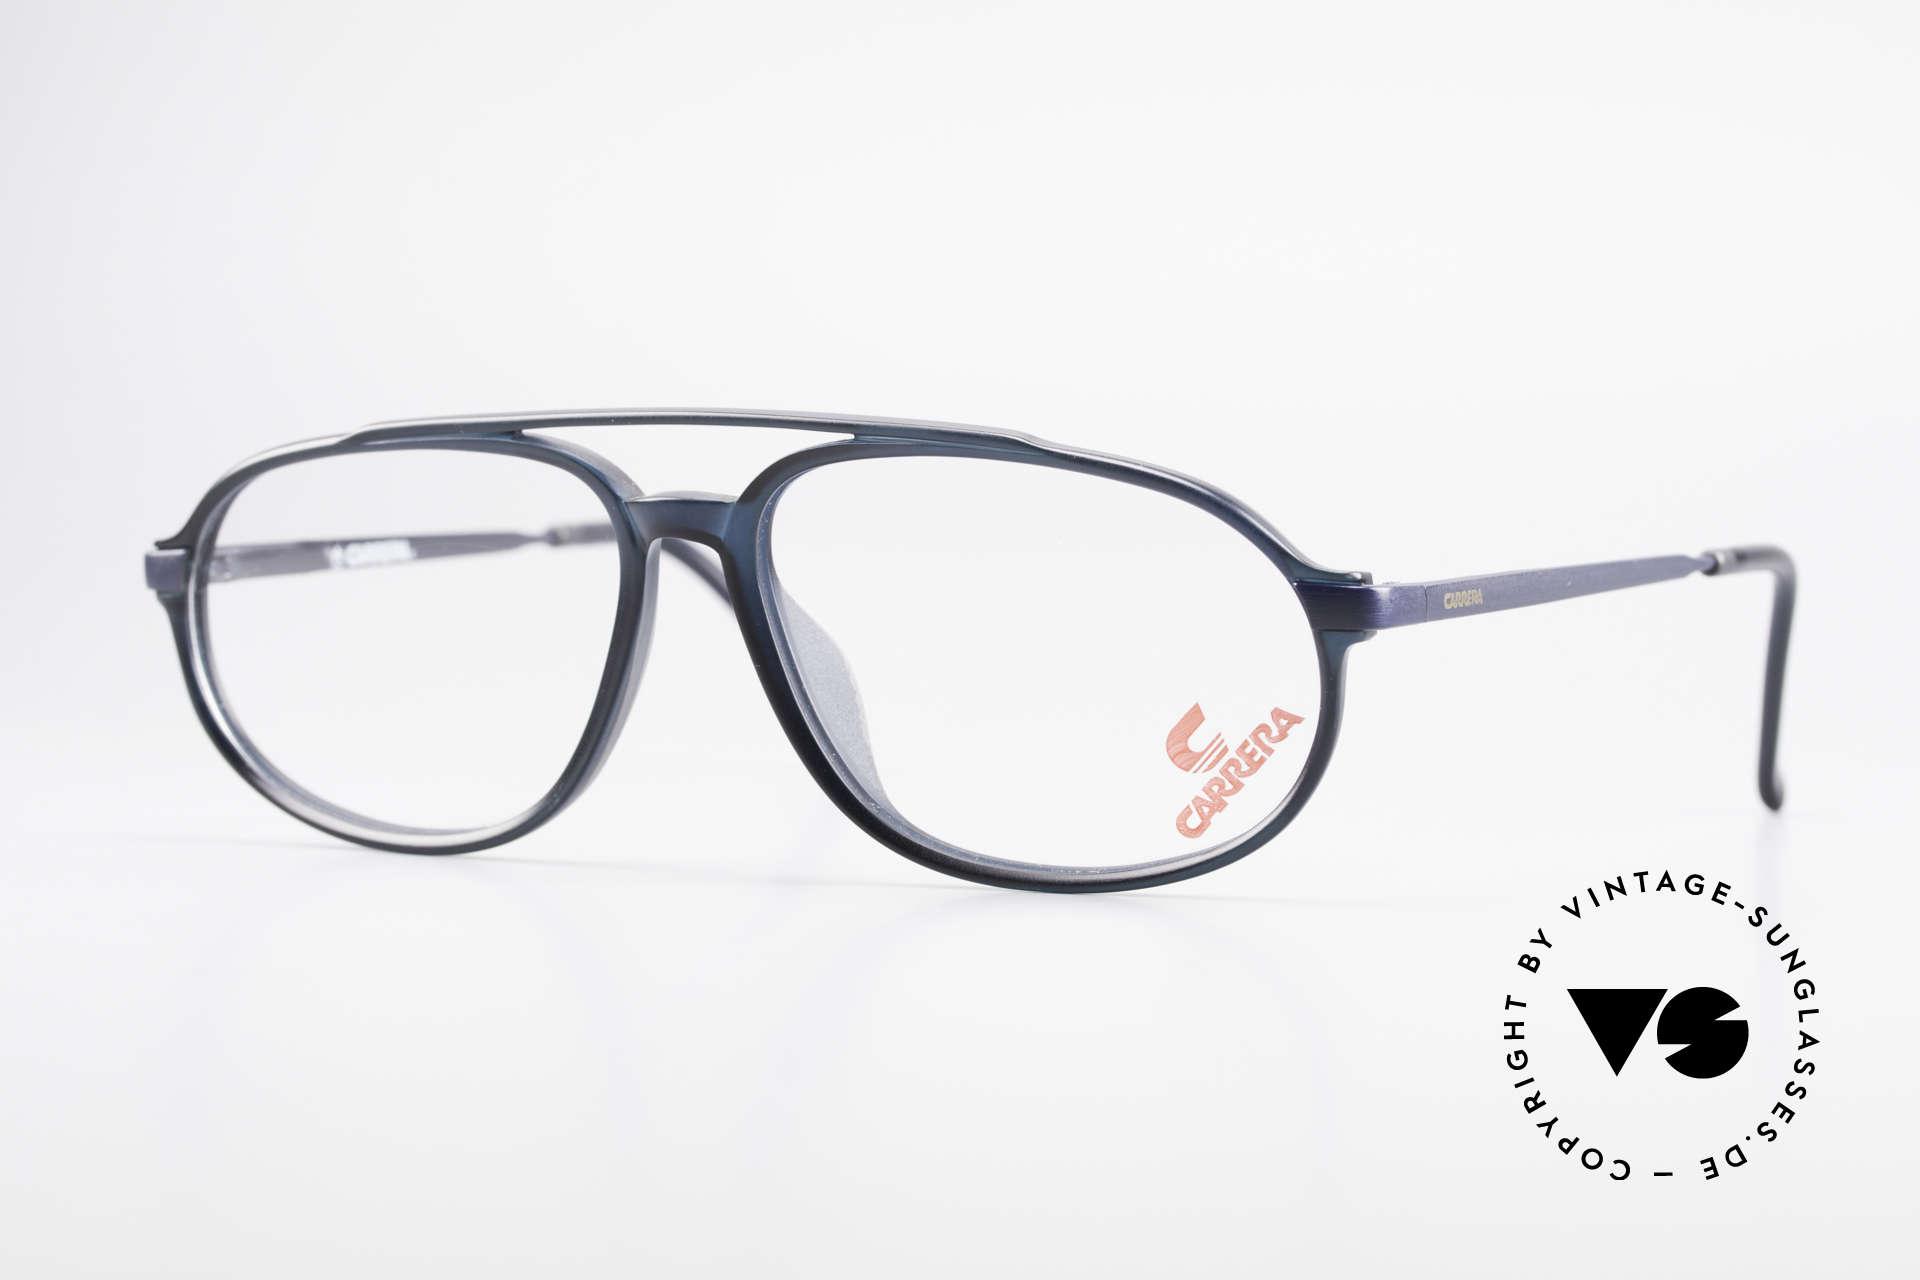 Carrera 4900 90er Vintage Brille No Retro, sehr interessante vintage Aviator Brille von Carrera, Passend für Herren